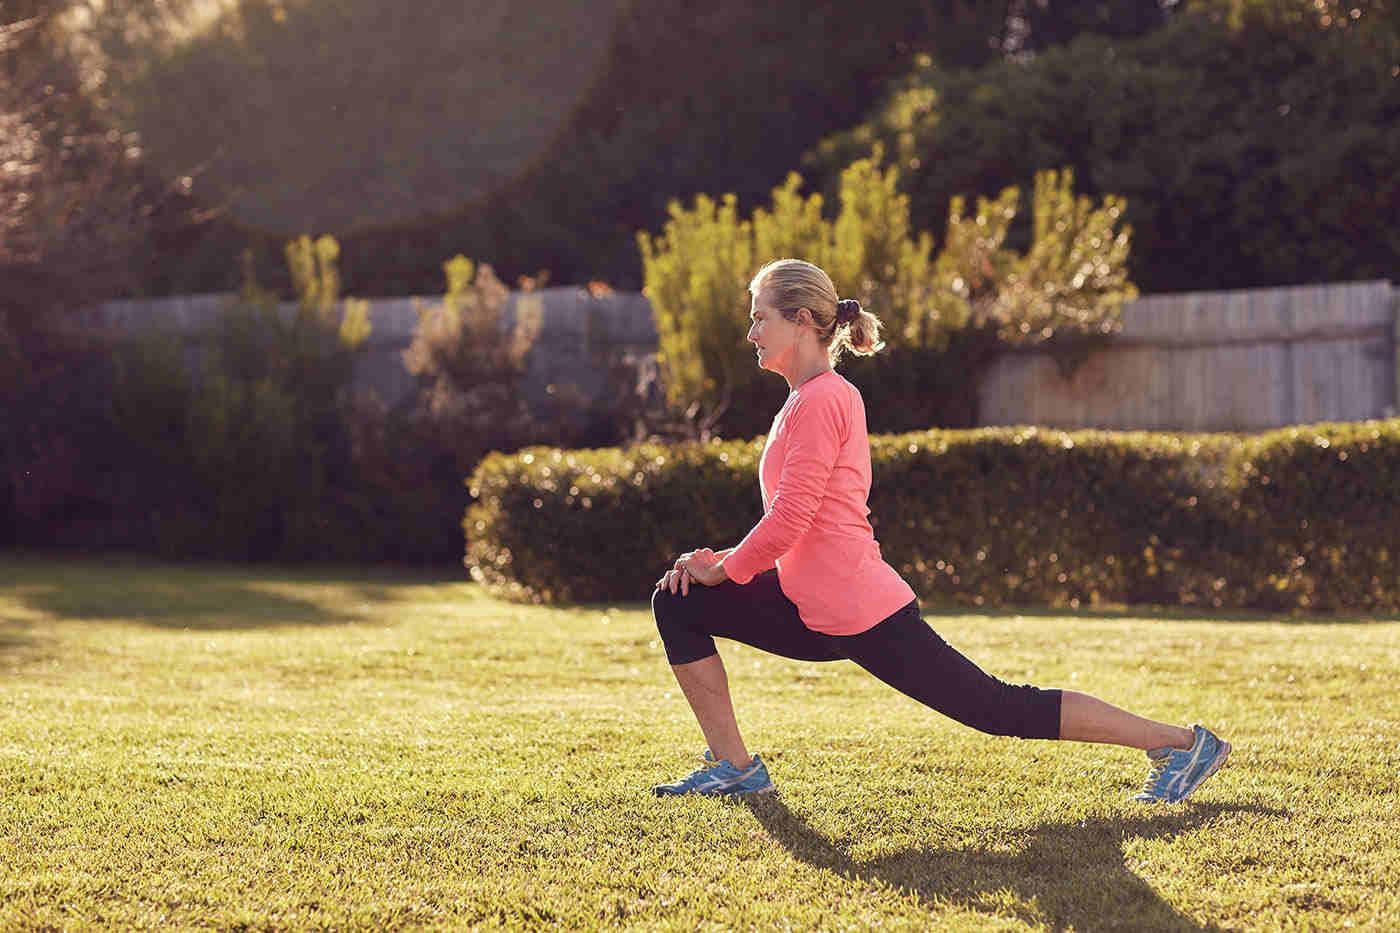 Exerciții fizice regulate, metabolism sănătos pe termen lung [studiu]